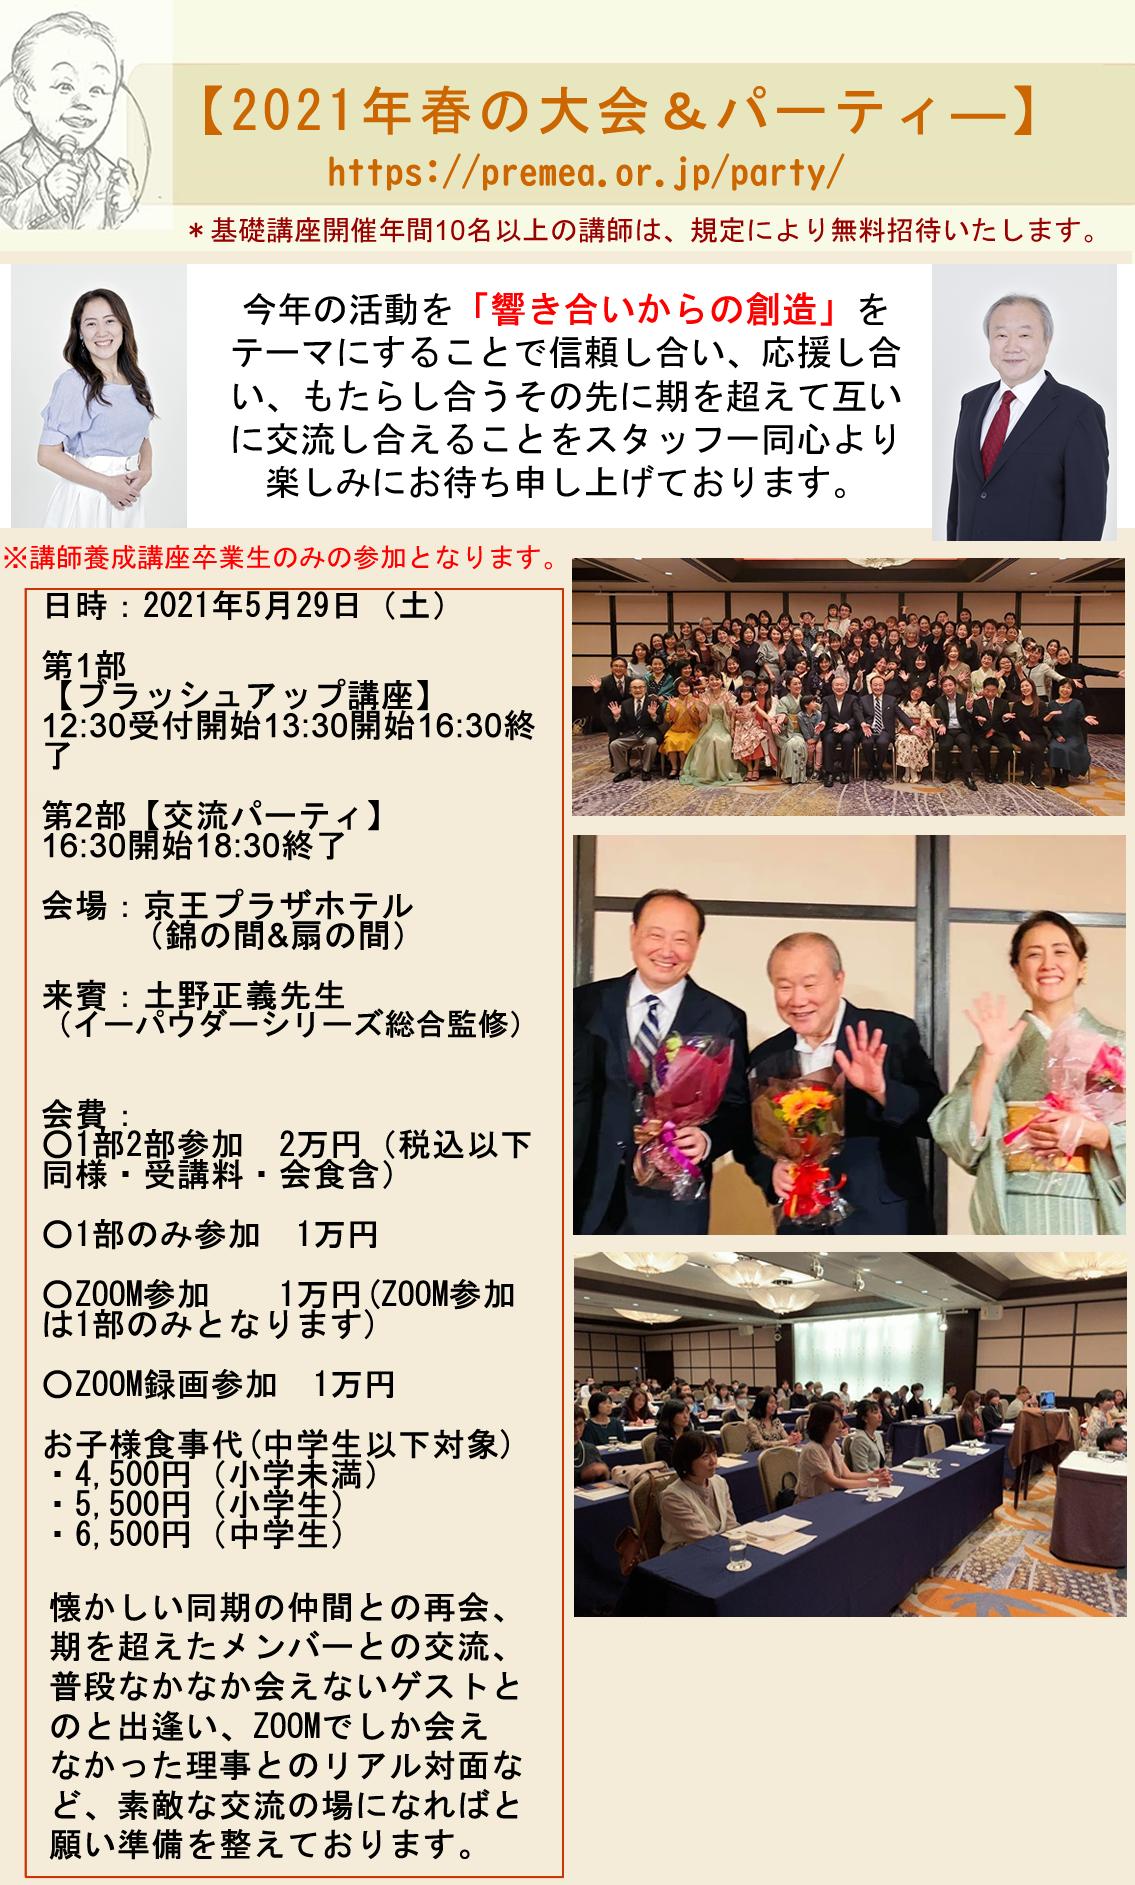 2021haruparty - 【2021春のブラッシュアップ講座&大会&パーティ-】